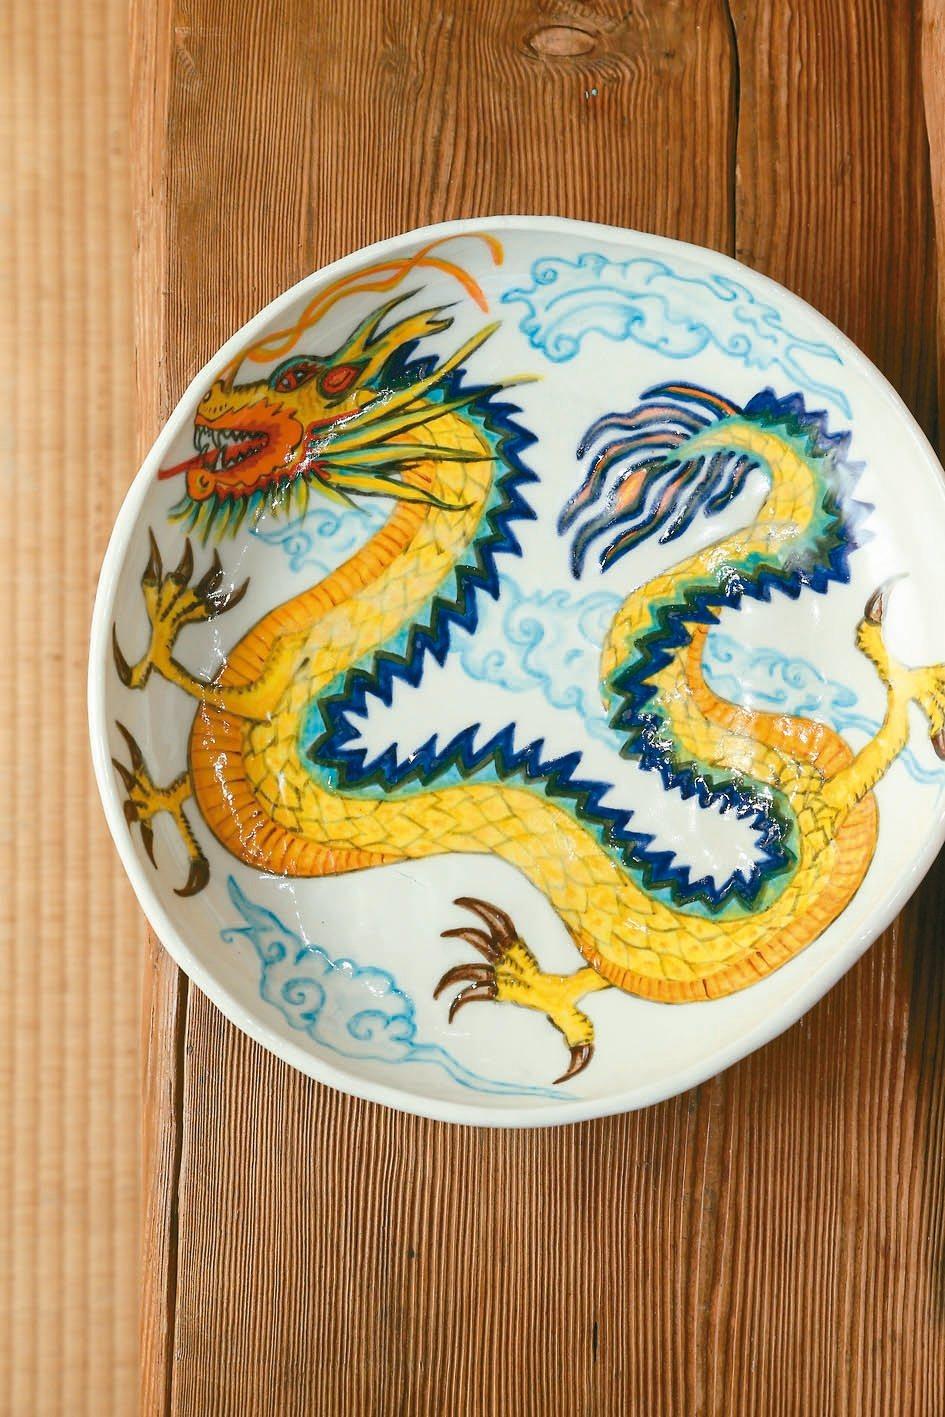 雷明思做他自己解讀的龍,而非直接移植東方文化幾千年的龍。 圖/陳立凱攝影